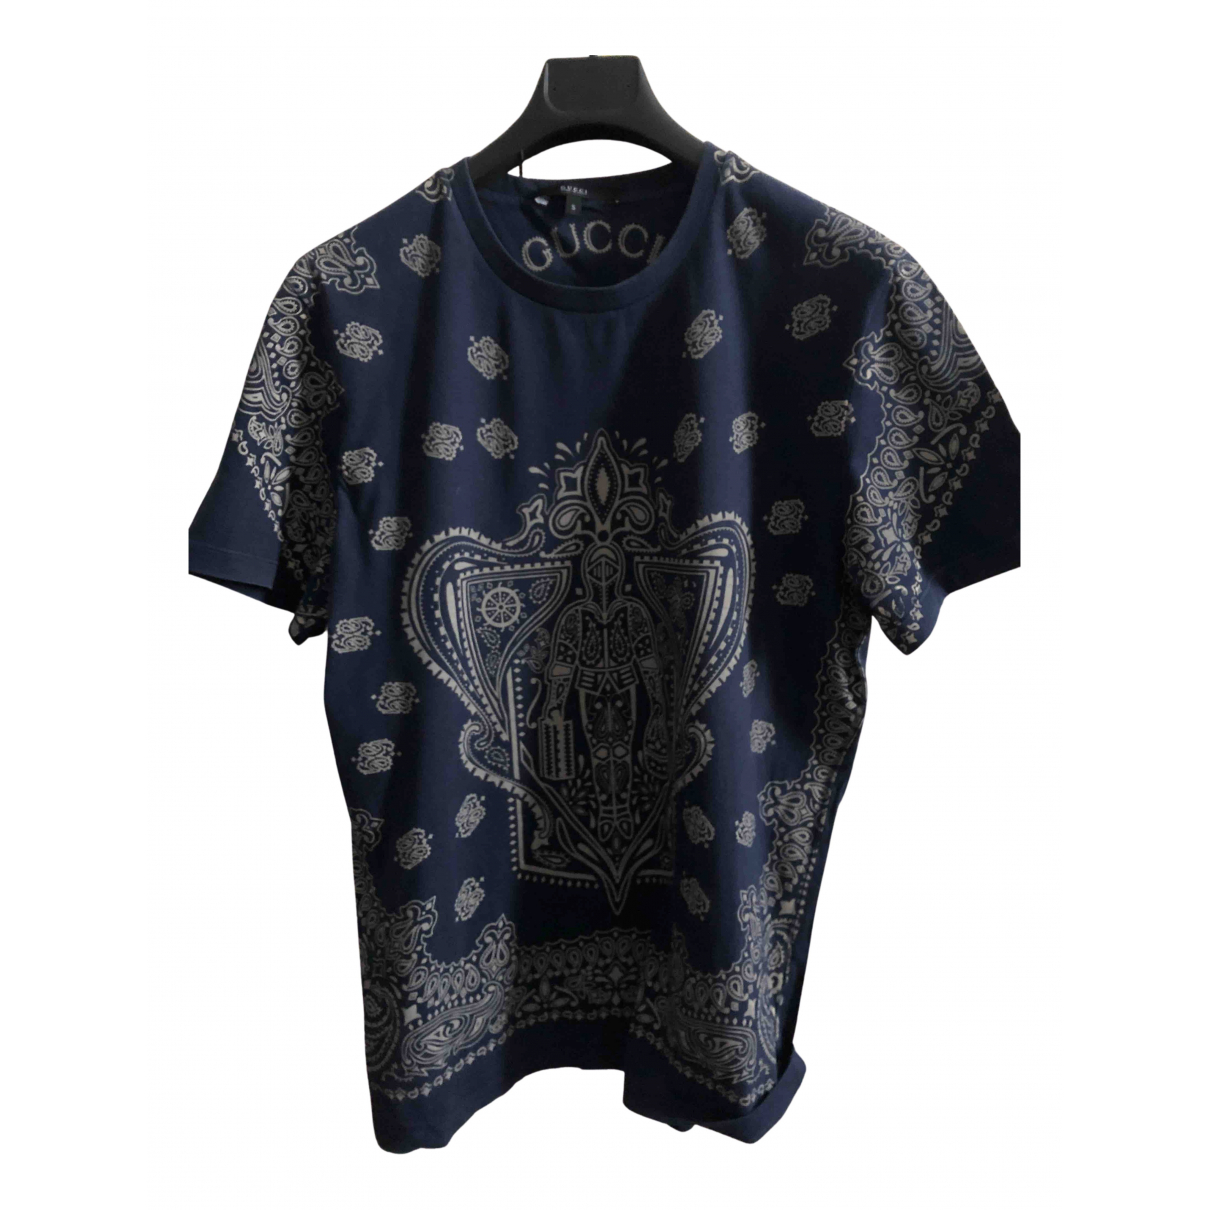 Gucci - Tee shirts   pour homme en coton - bleu